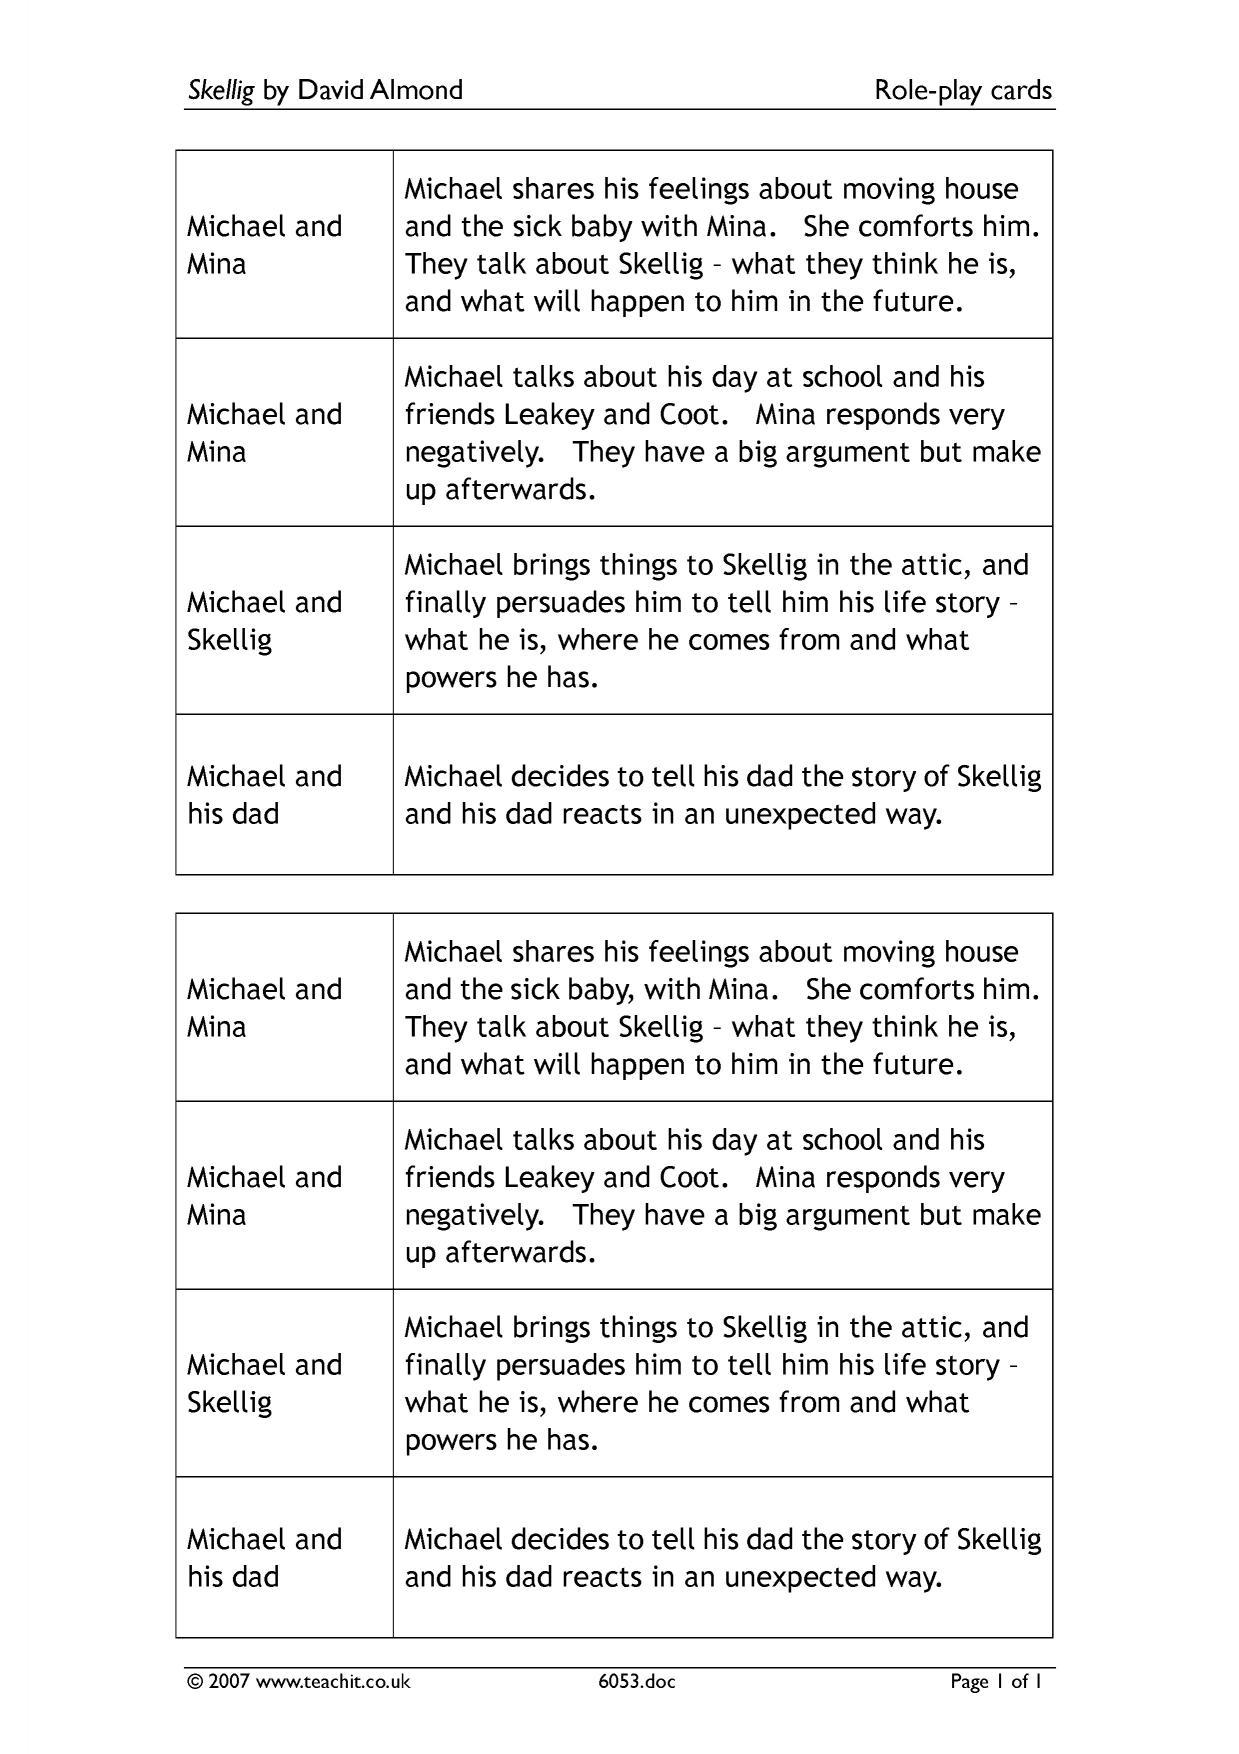 essay about skellig